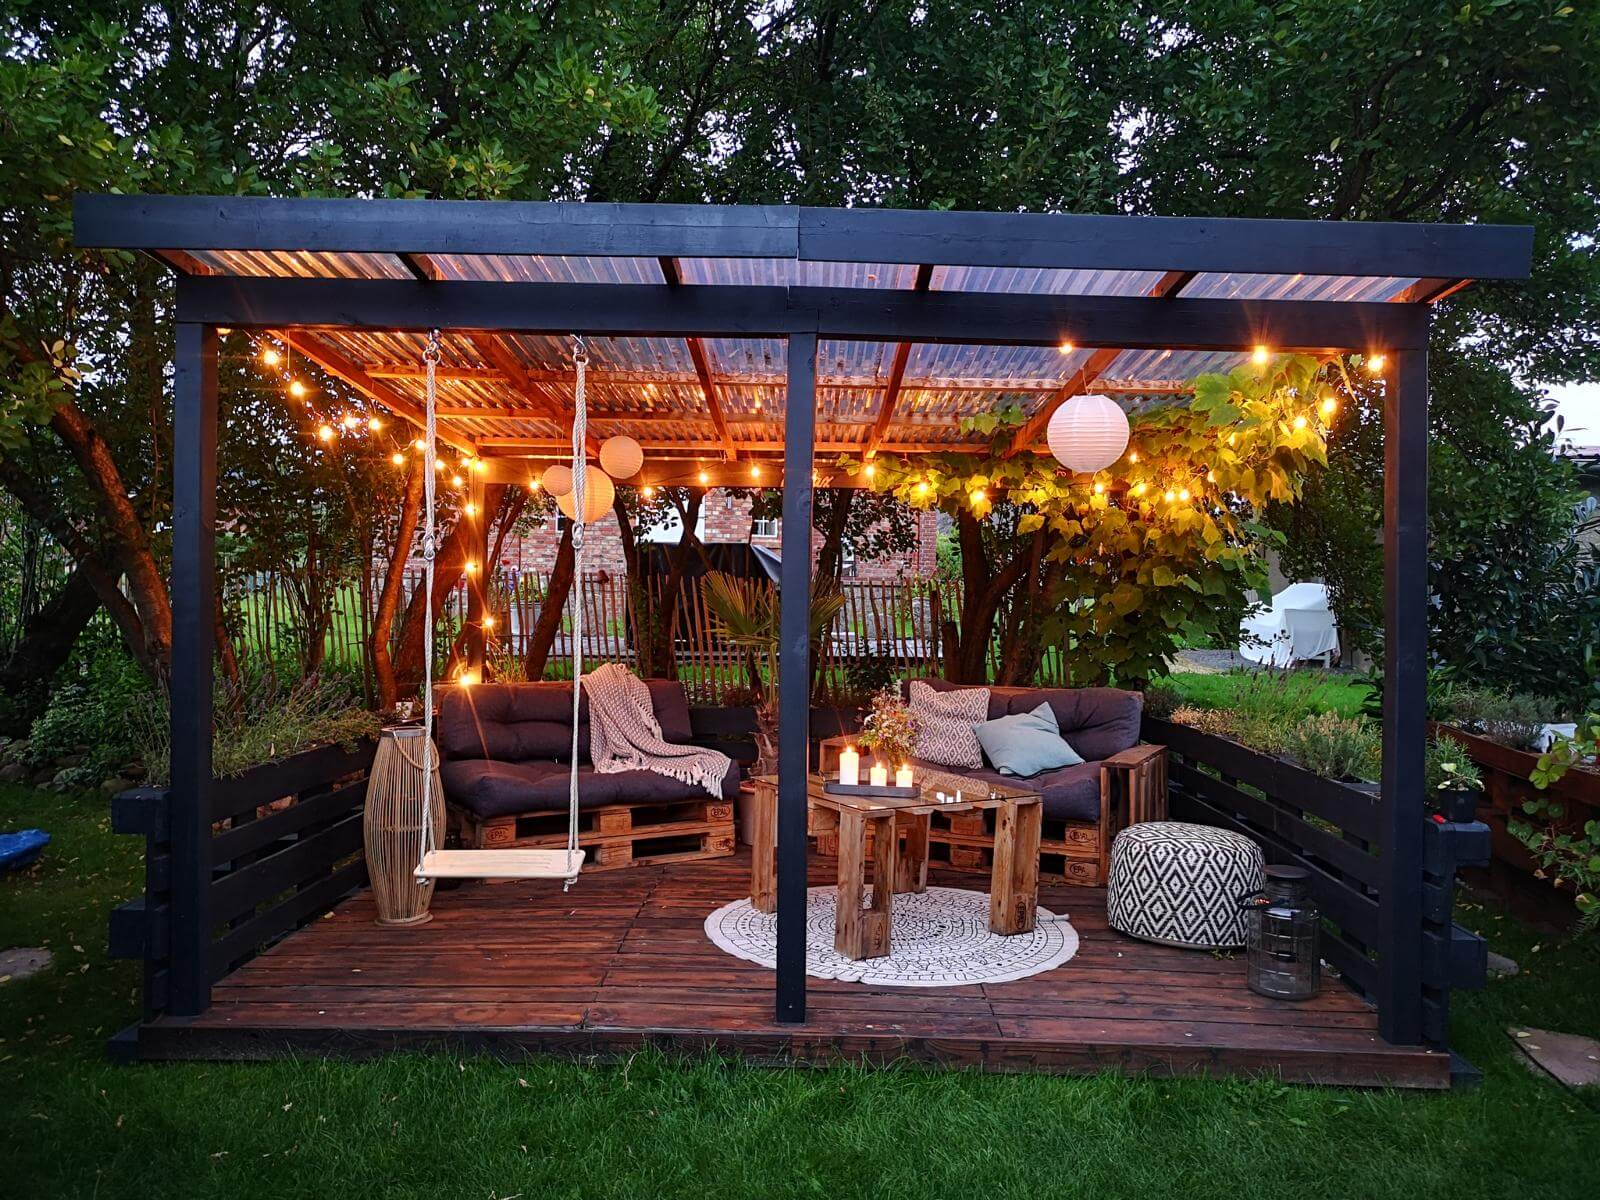 ᐅ Gartenmobel Aus Paletten ᐅ Palettenmobel Garten Diy Ideen Shop